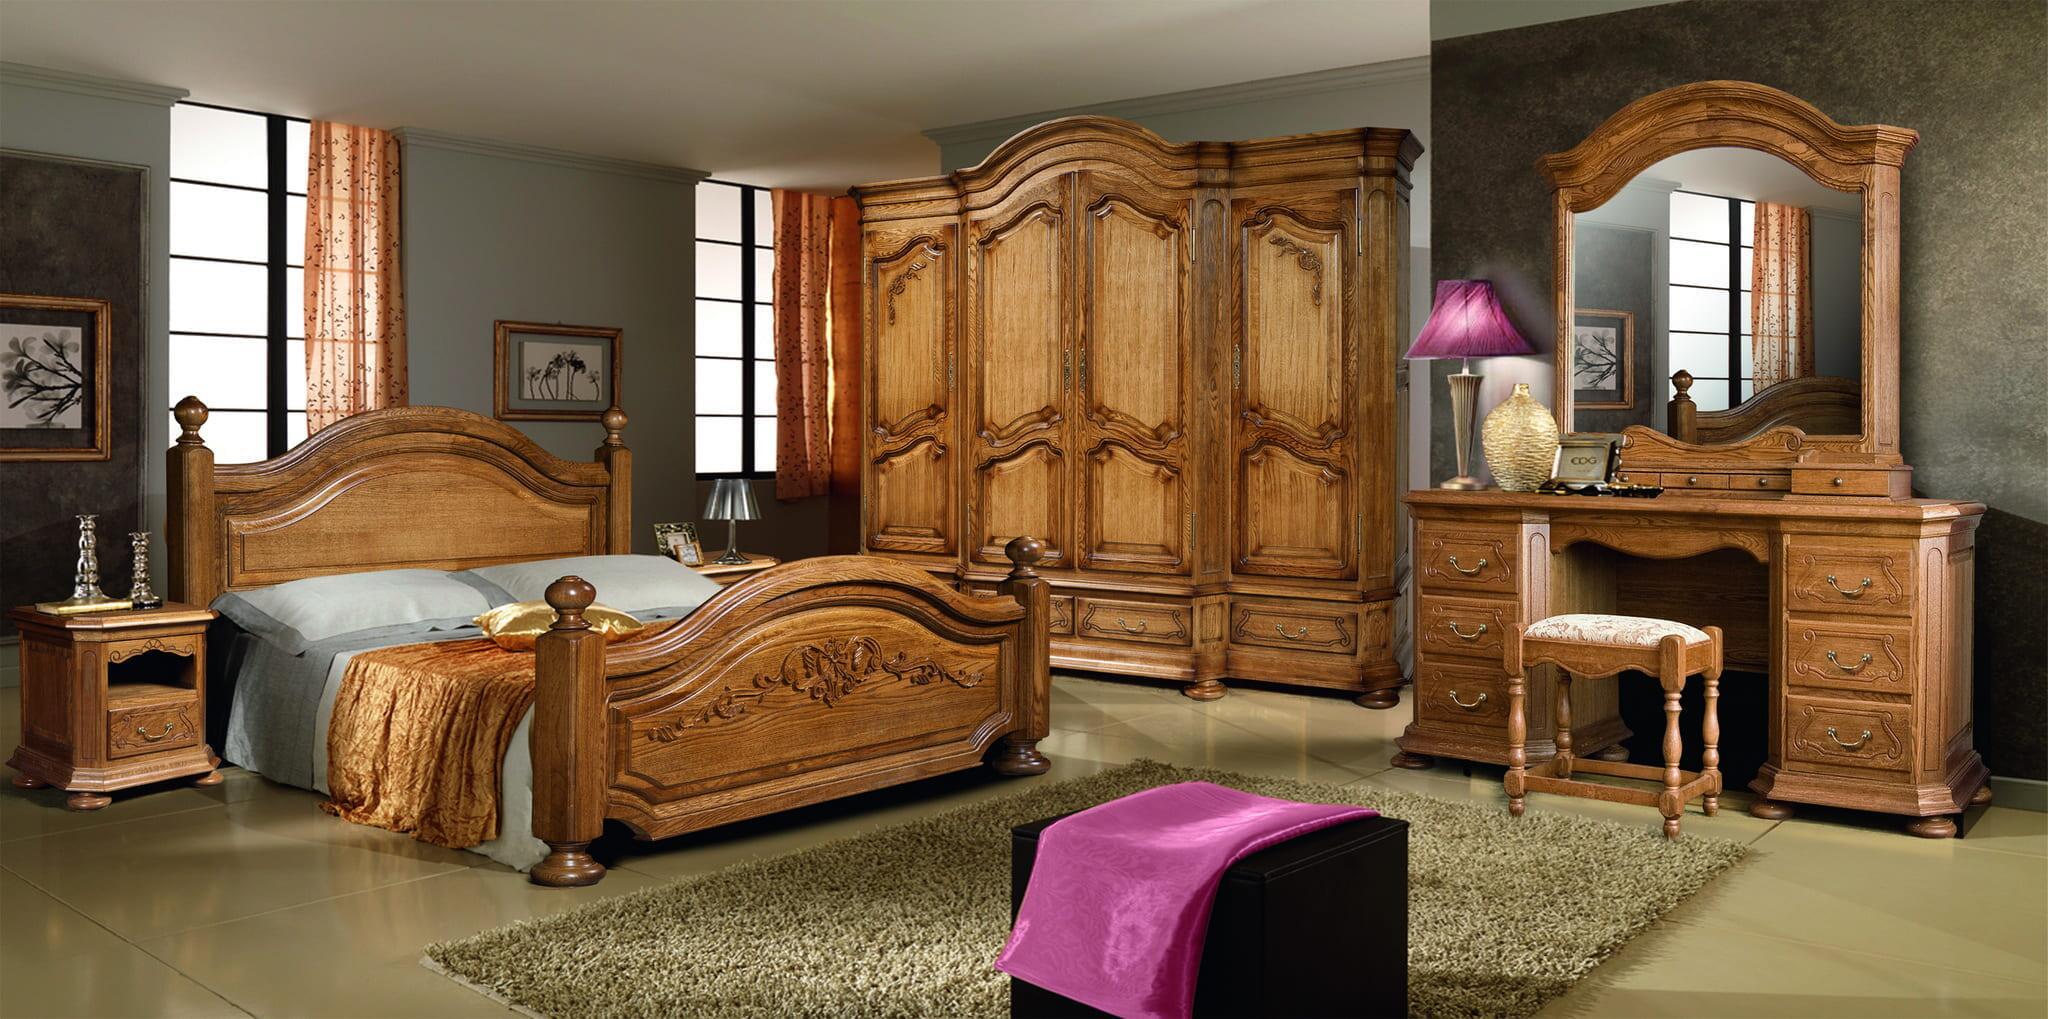 Набор мебели для спальни «Босфор-Люкс 1»  ГМ 6200-51 (Sale)